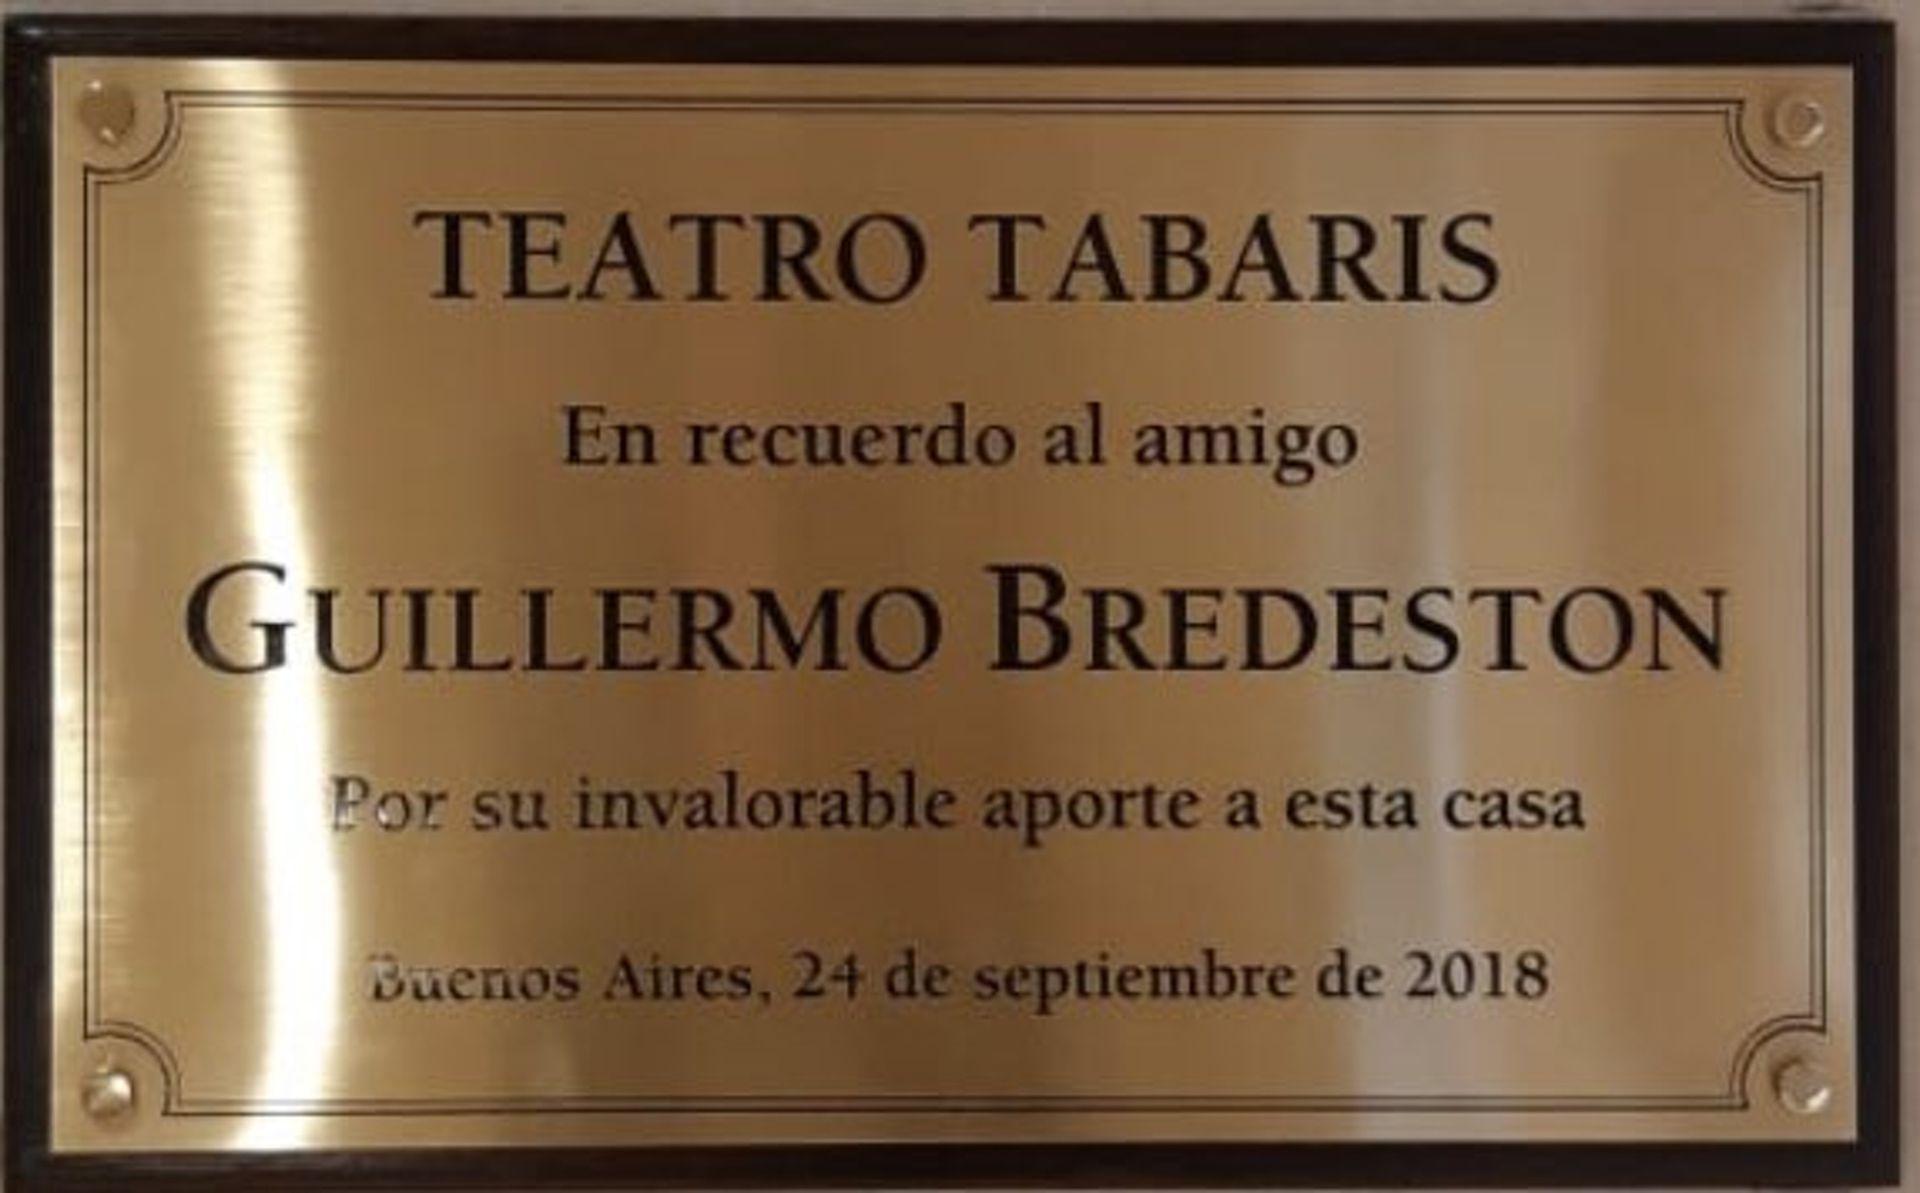 Placa que recuerda el vínculo entre Guillermo Bredeston y Carlos Rottemberg